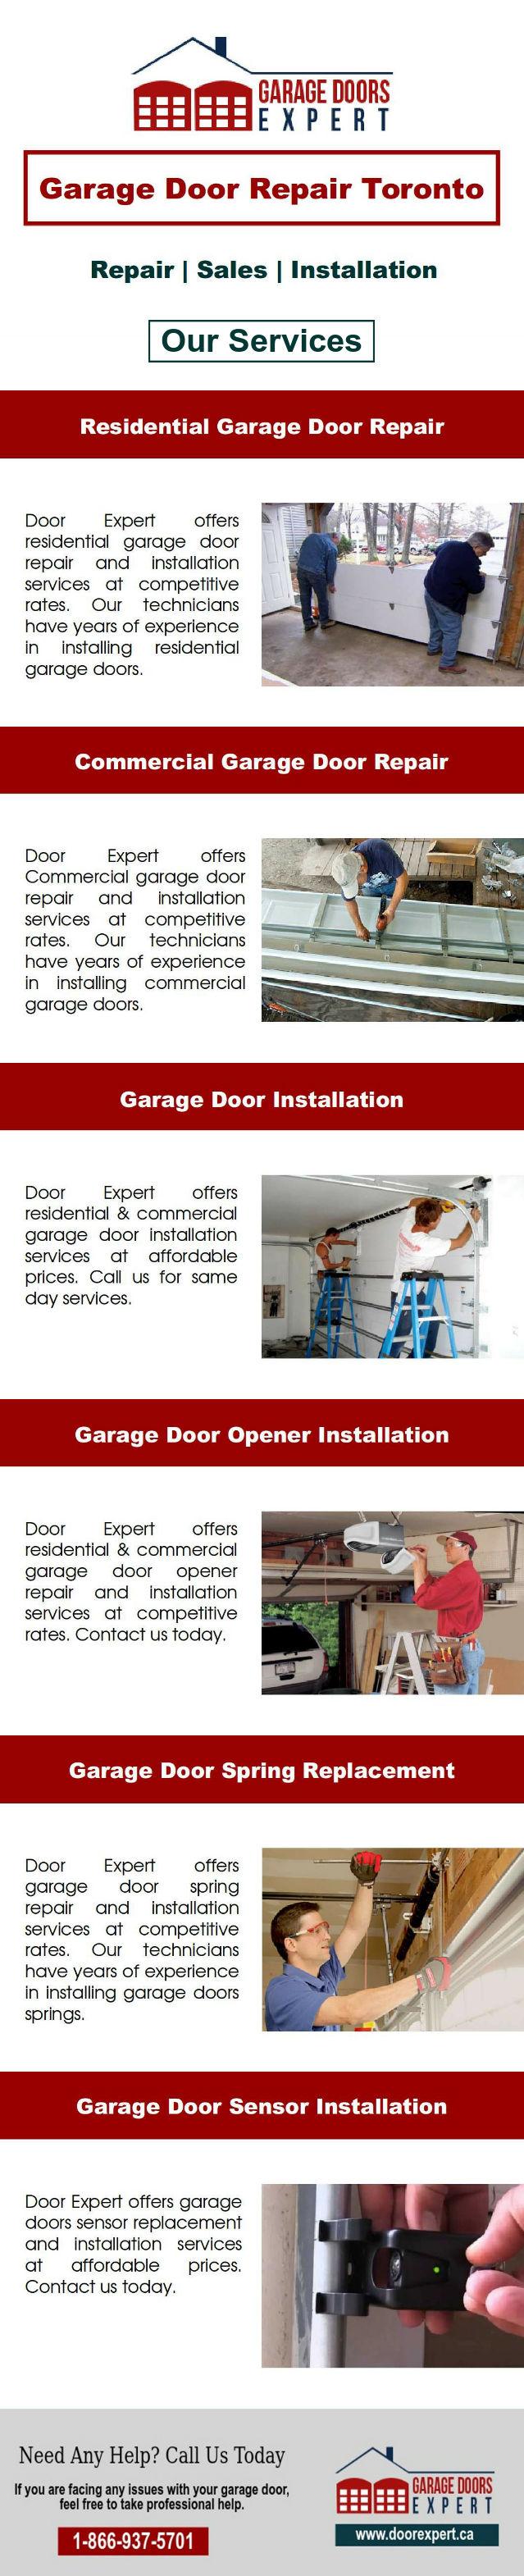 Toronto Garage Door Repair Services Door Expert Garage Door